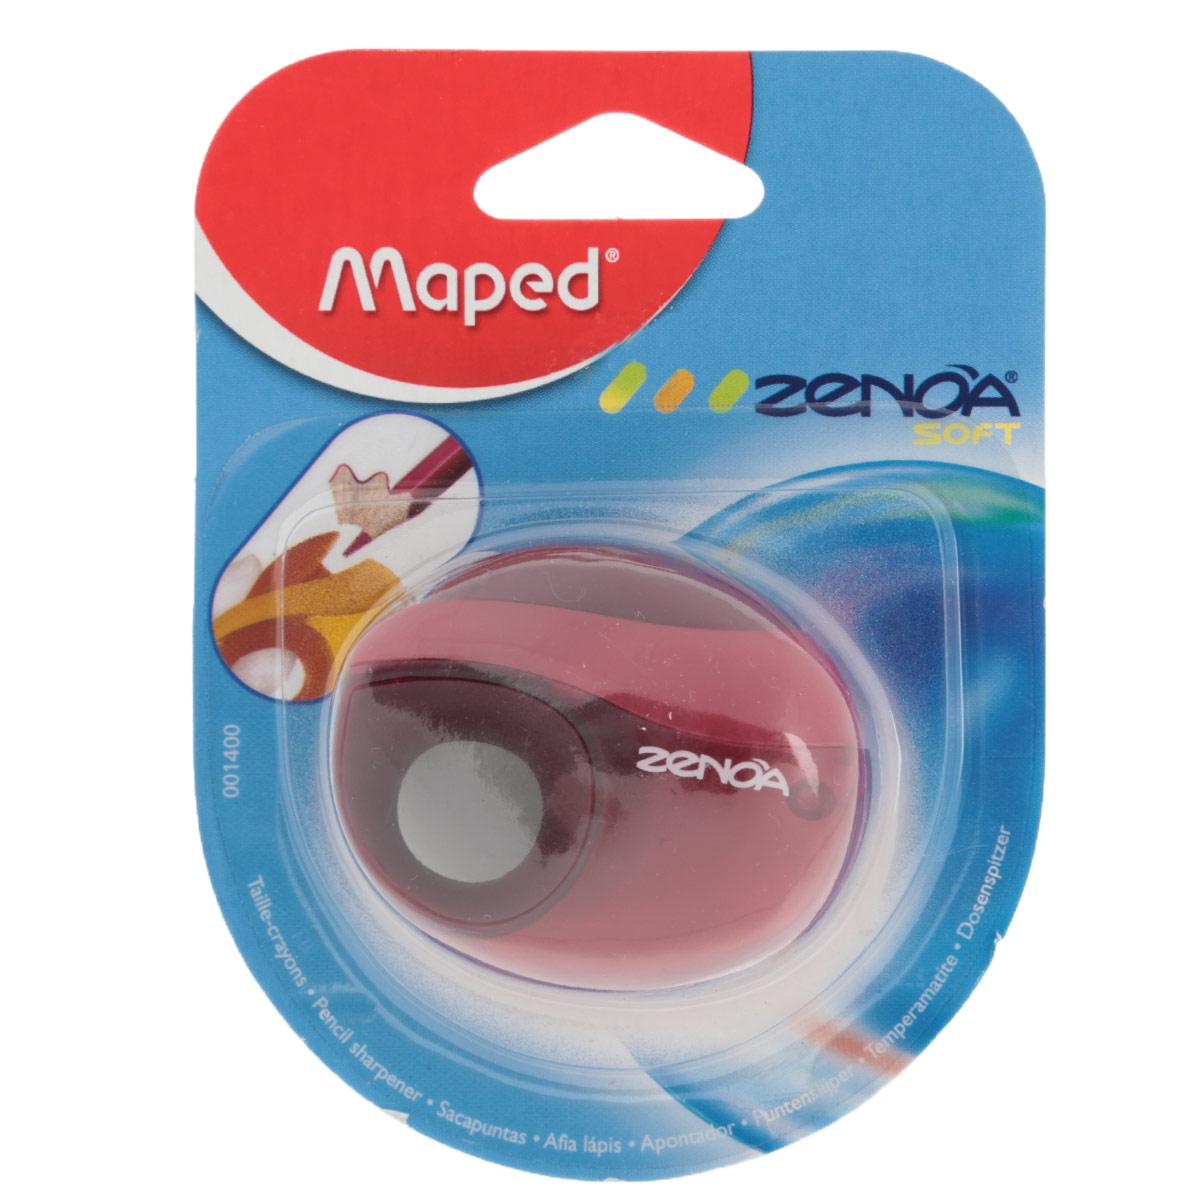 """Точилка Maped """"Zenoa"""", с контейнером, цвет: красный 1400_красный"""